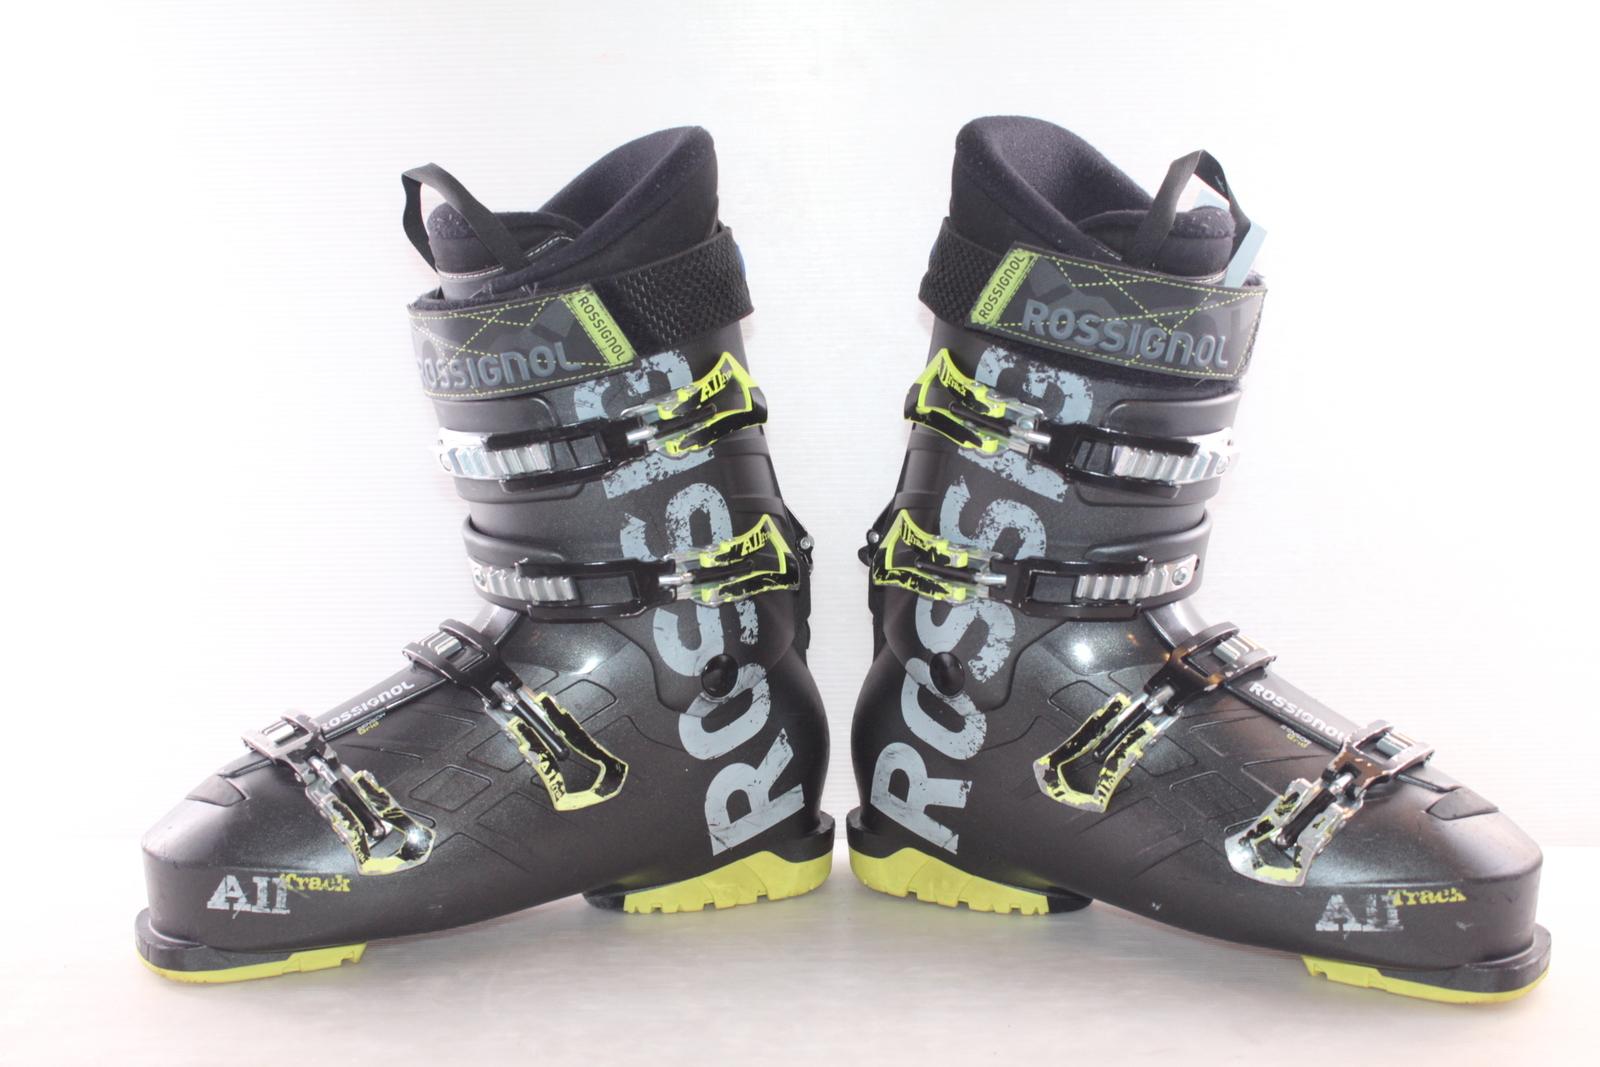 Lyžařské boty Rossignol All Track vel. EU44.5 flexe 80